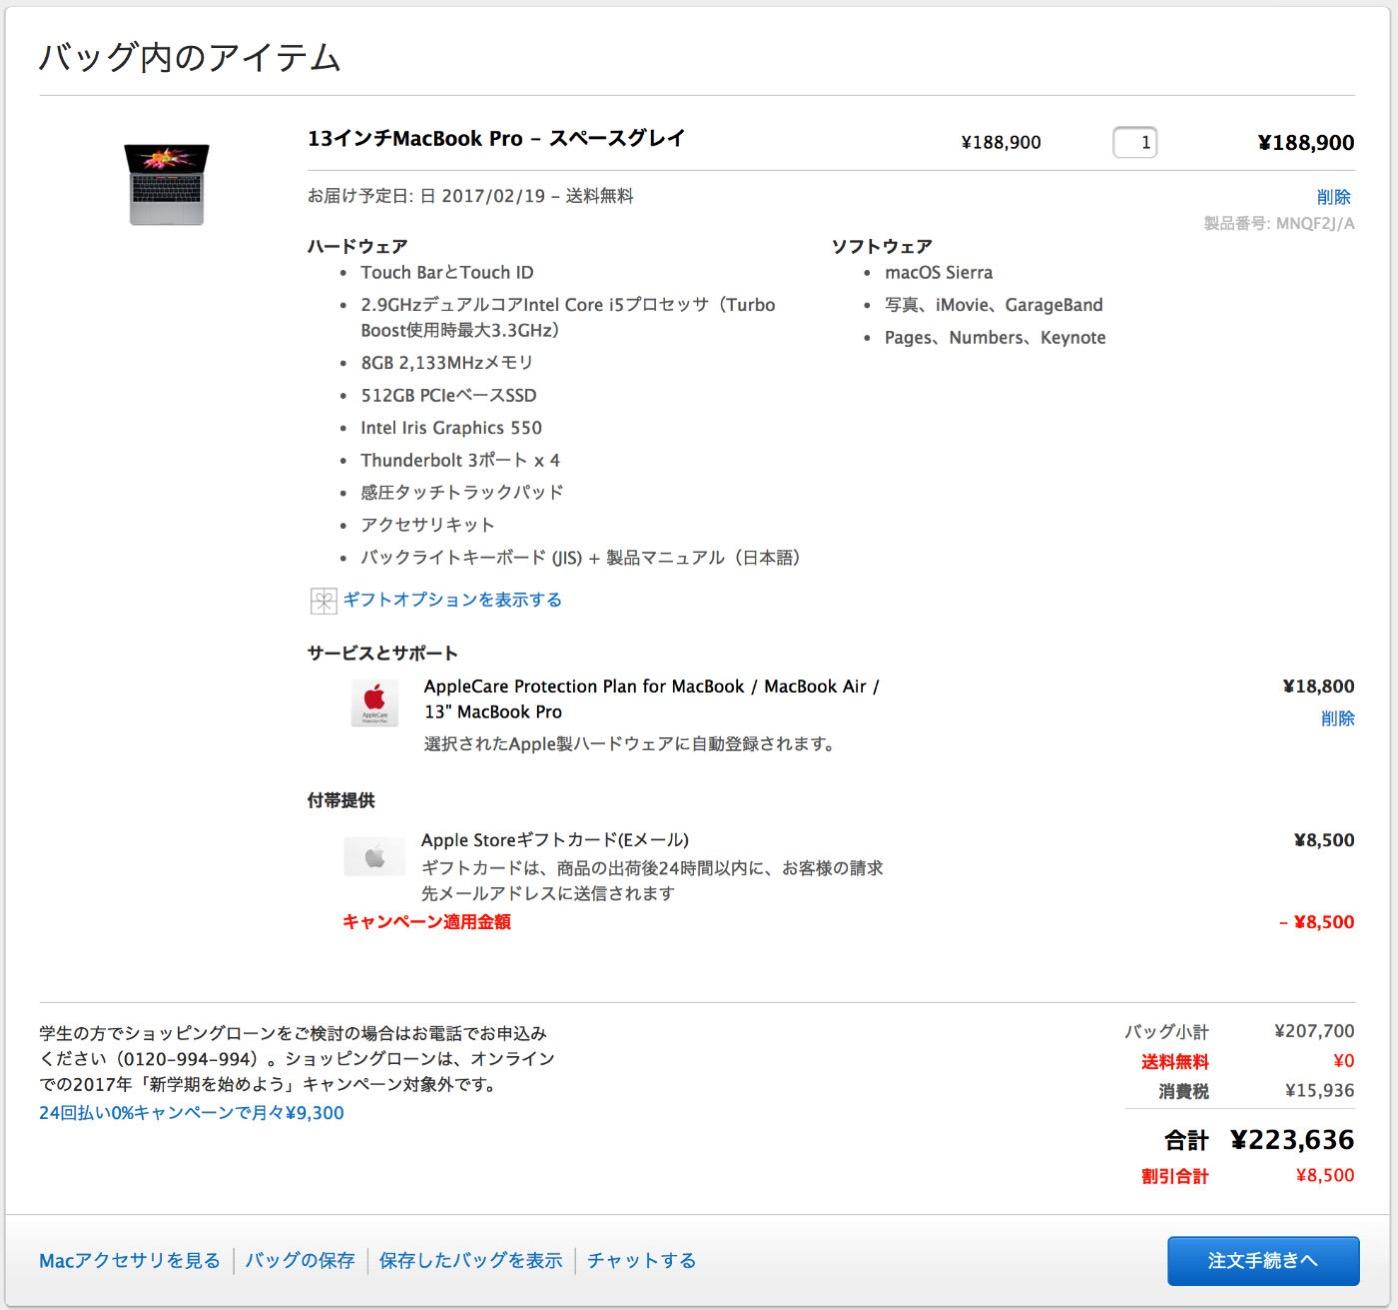 Macアップグレードプログラム-3